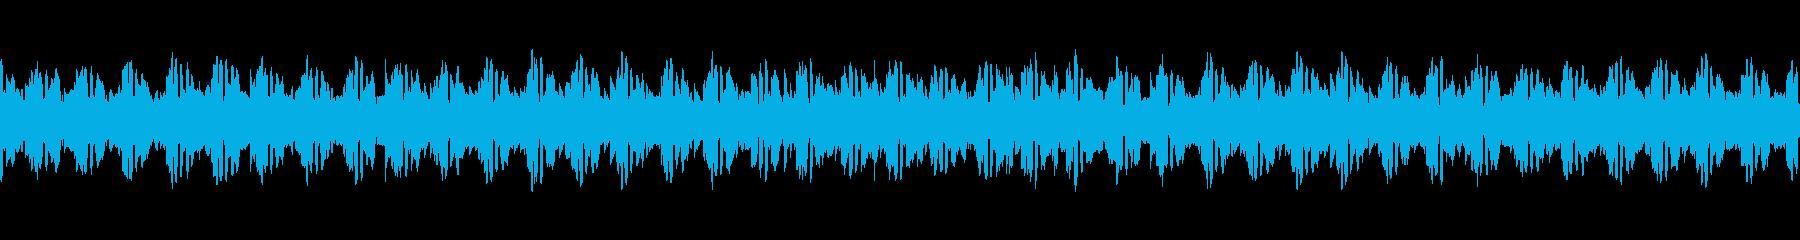 ニュース映像などに合う淡々としたマリンバの再生済みの波形